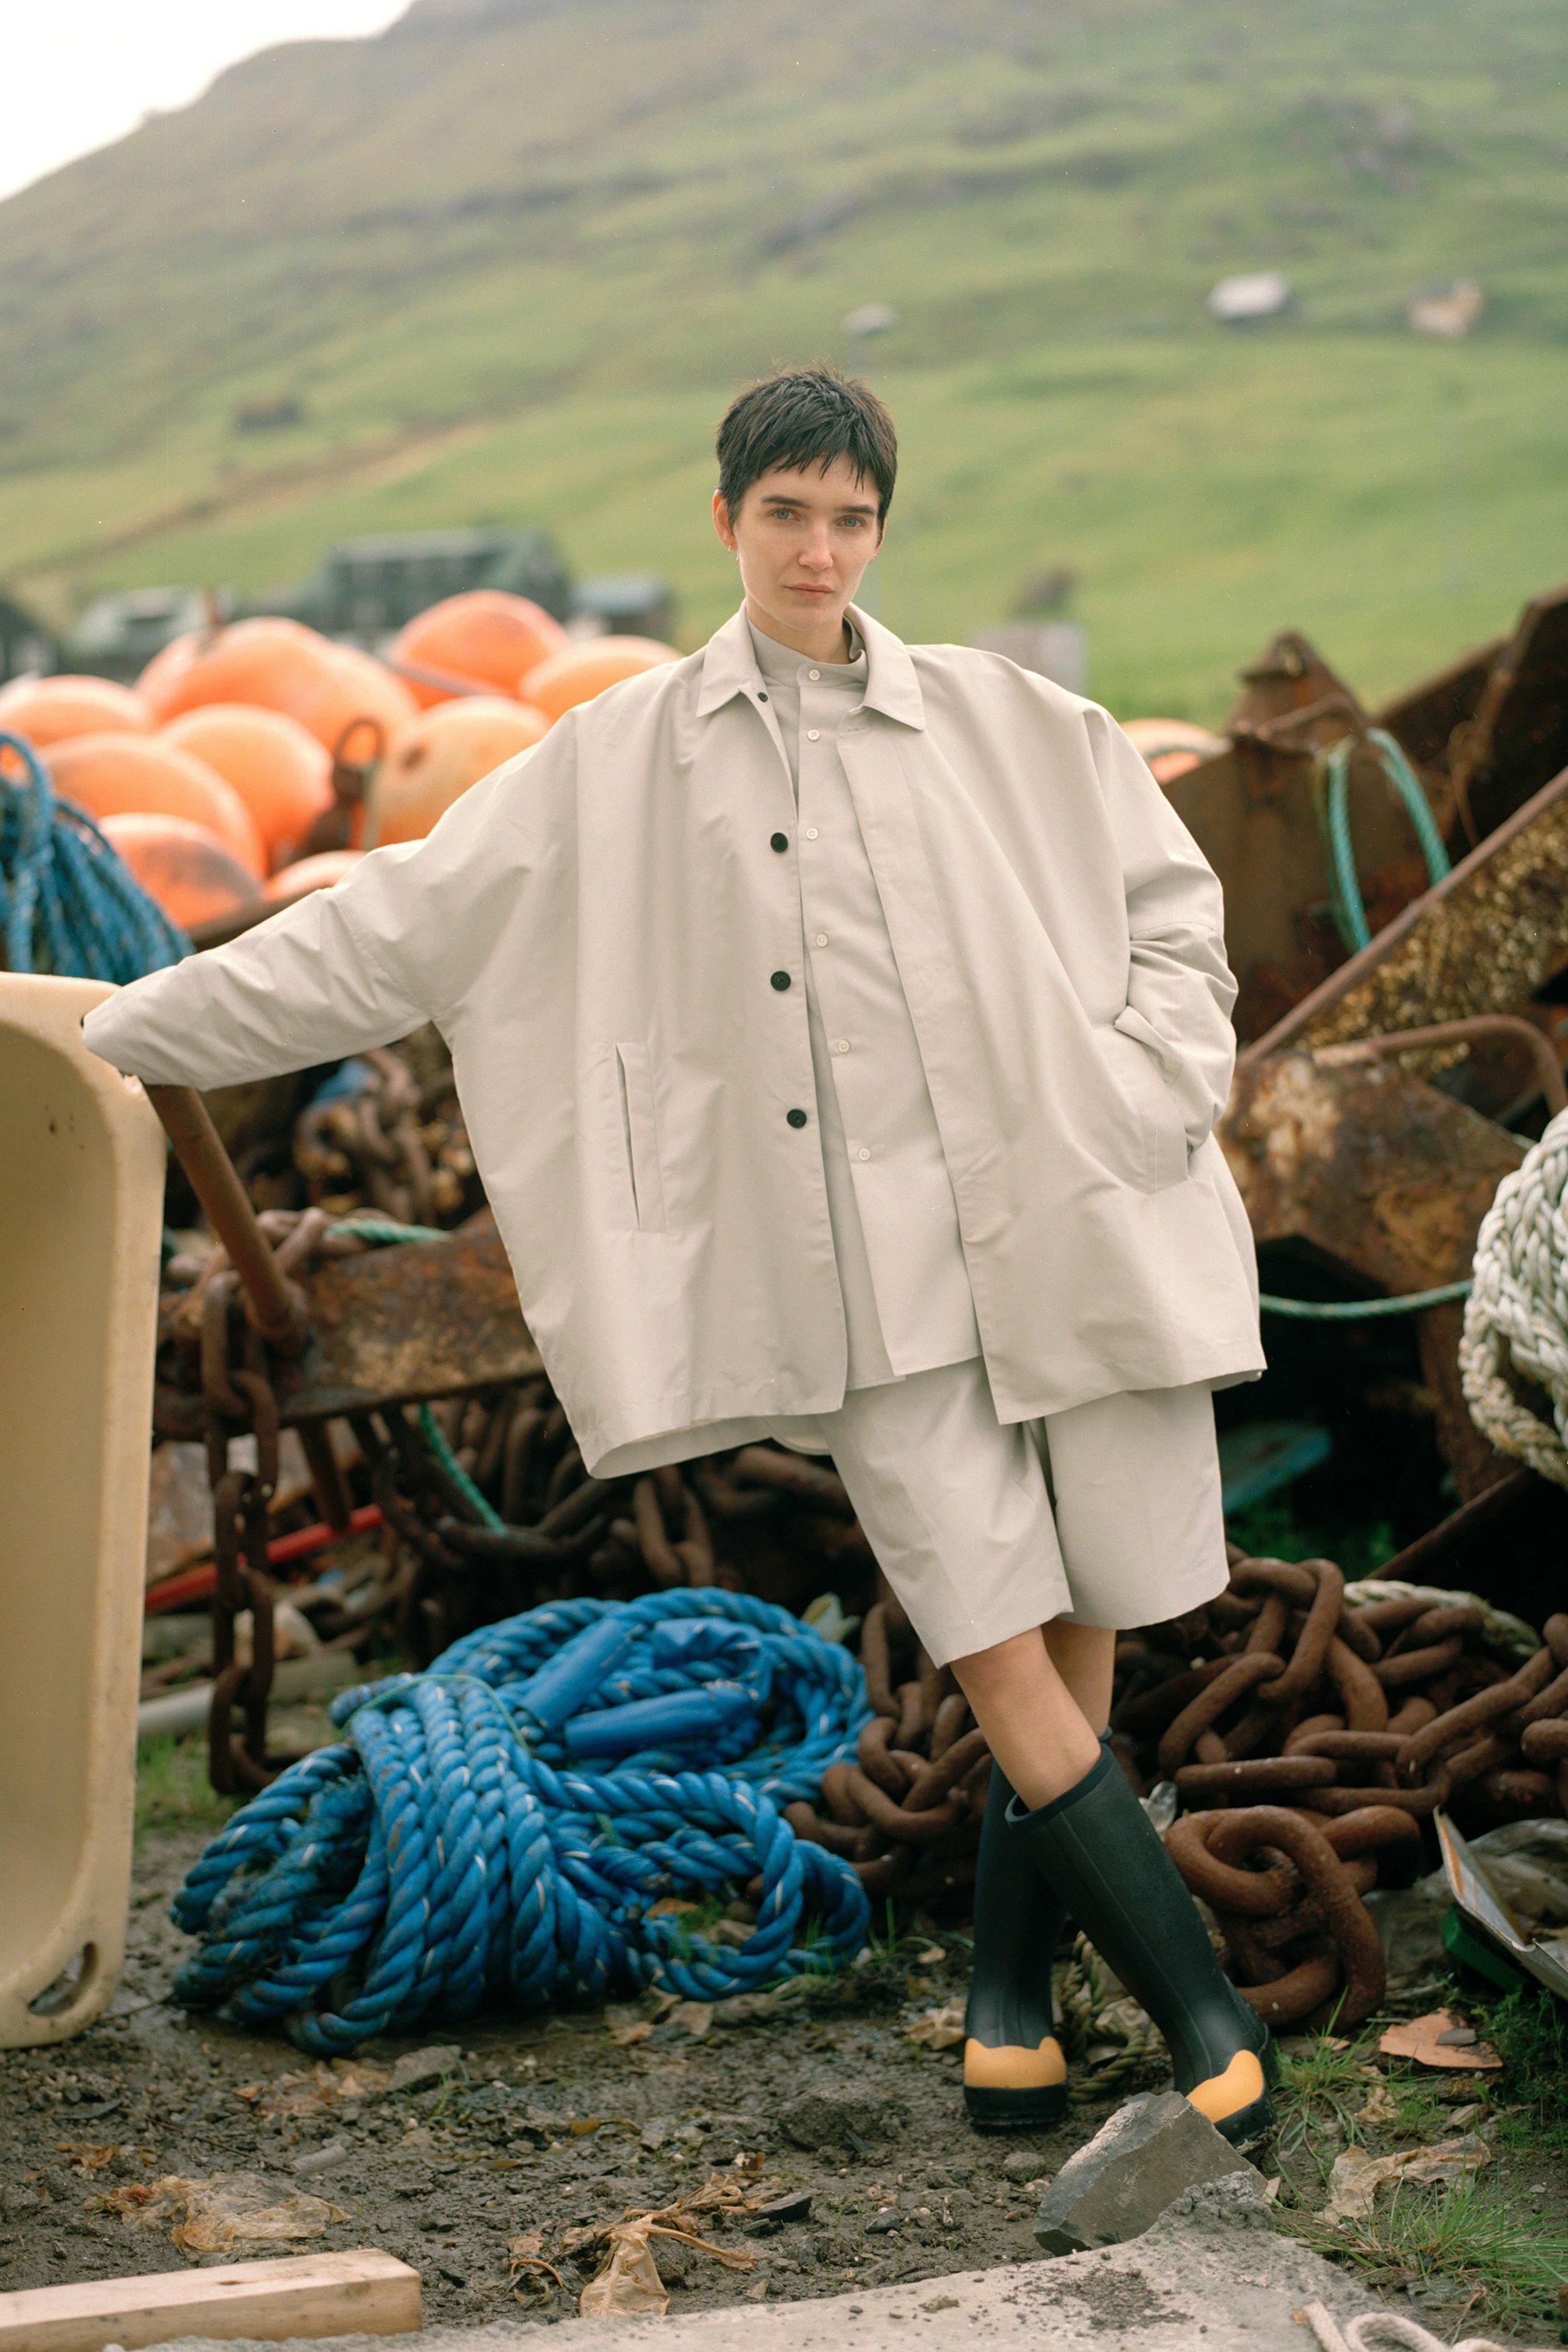 00011-Deveaux-Vogue-Menswear-SS19-june-kim.jpg